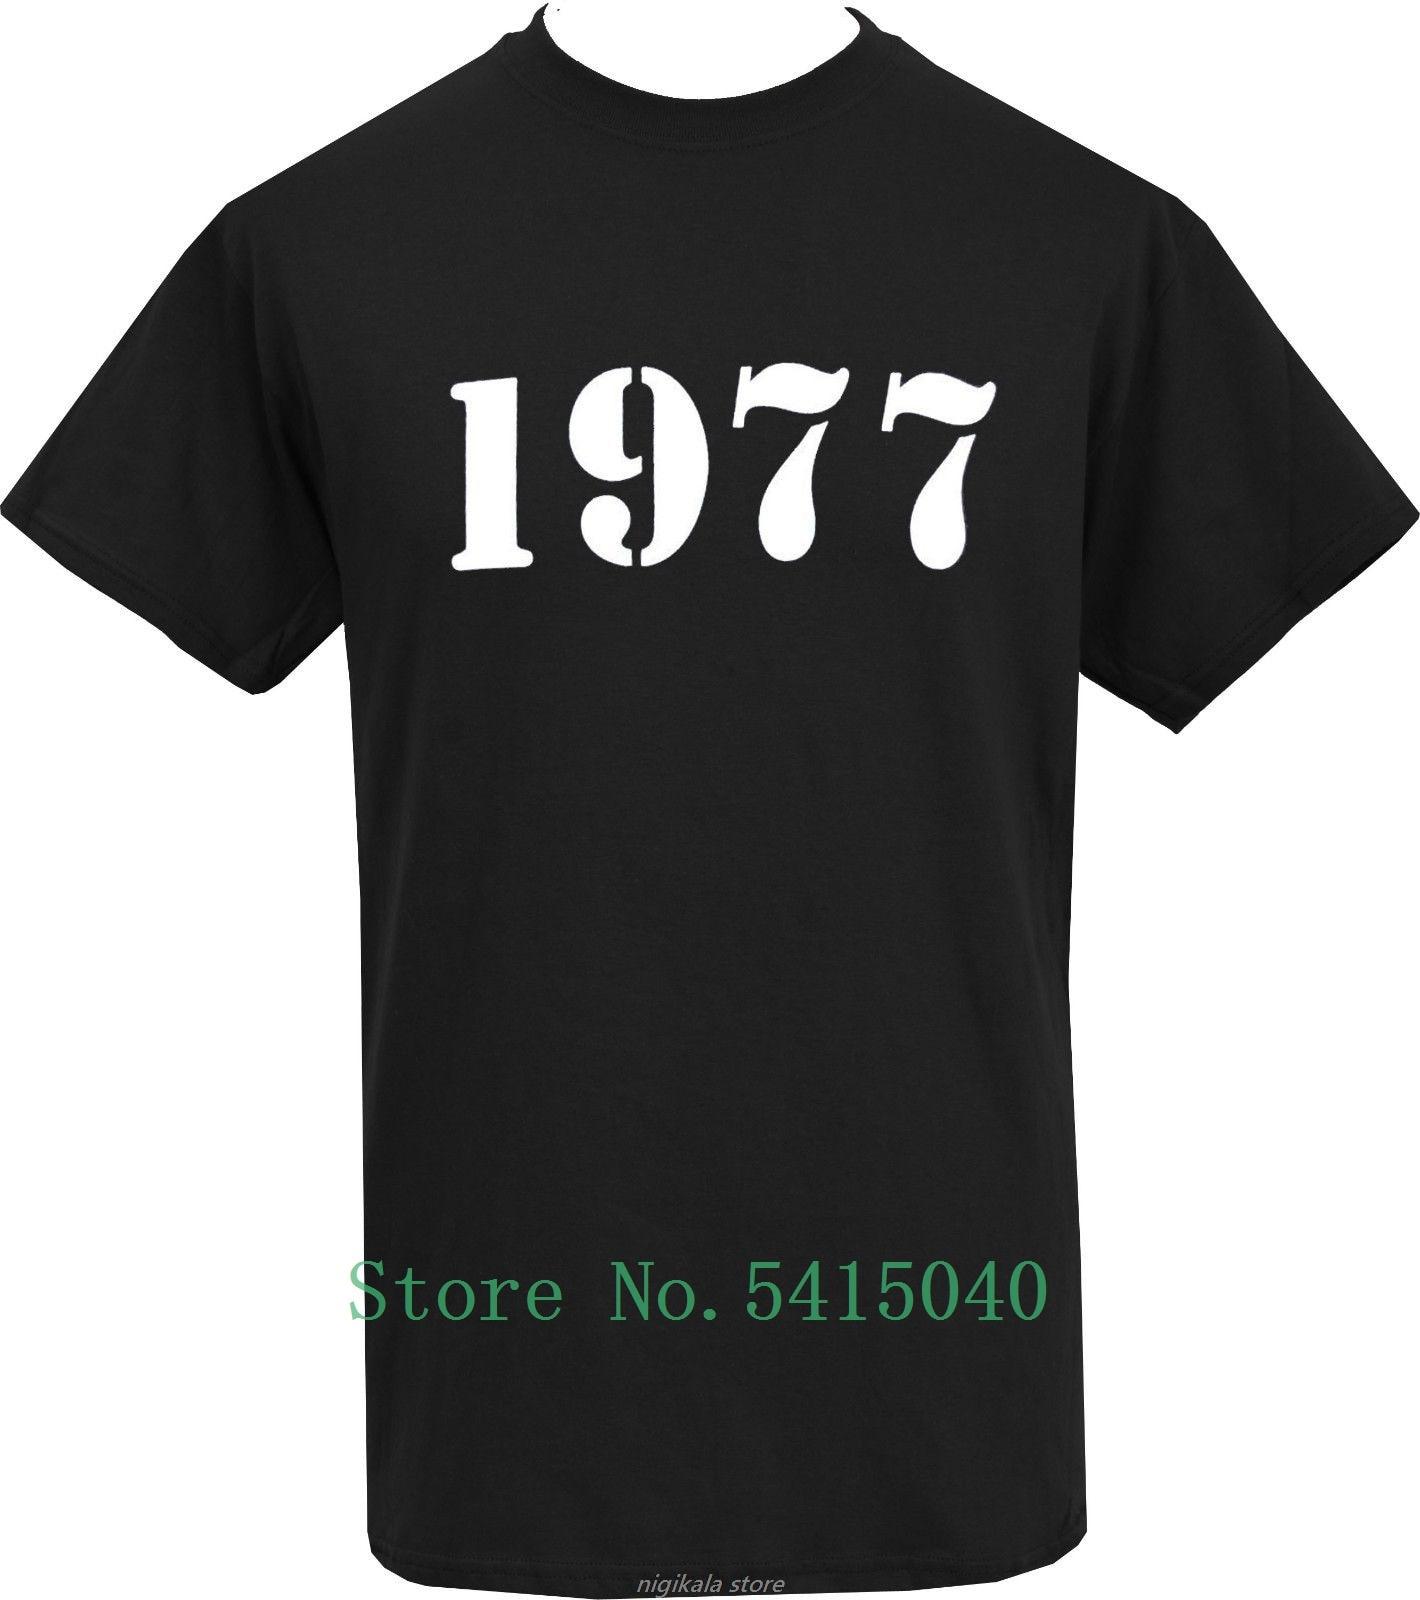 Camiseta negra para hombre 1977 Punk Rock Era sedicionarios 77 PLANTILLA 100% S-5xl de algodón Princesa coreana borlas cabeza opaca cortina paño cortina + Voile cortinas velos de tul para salón dormitorio cortina 77 #25